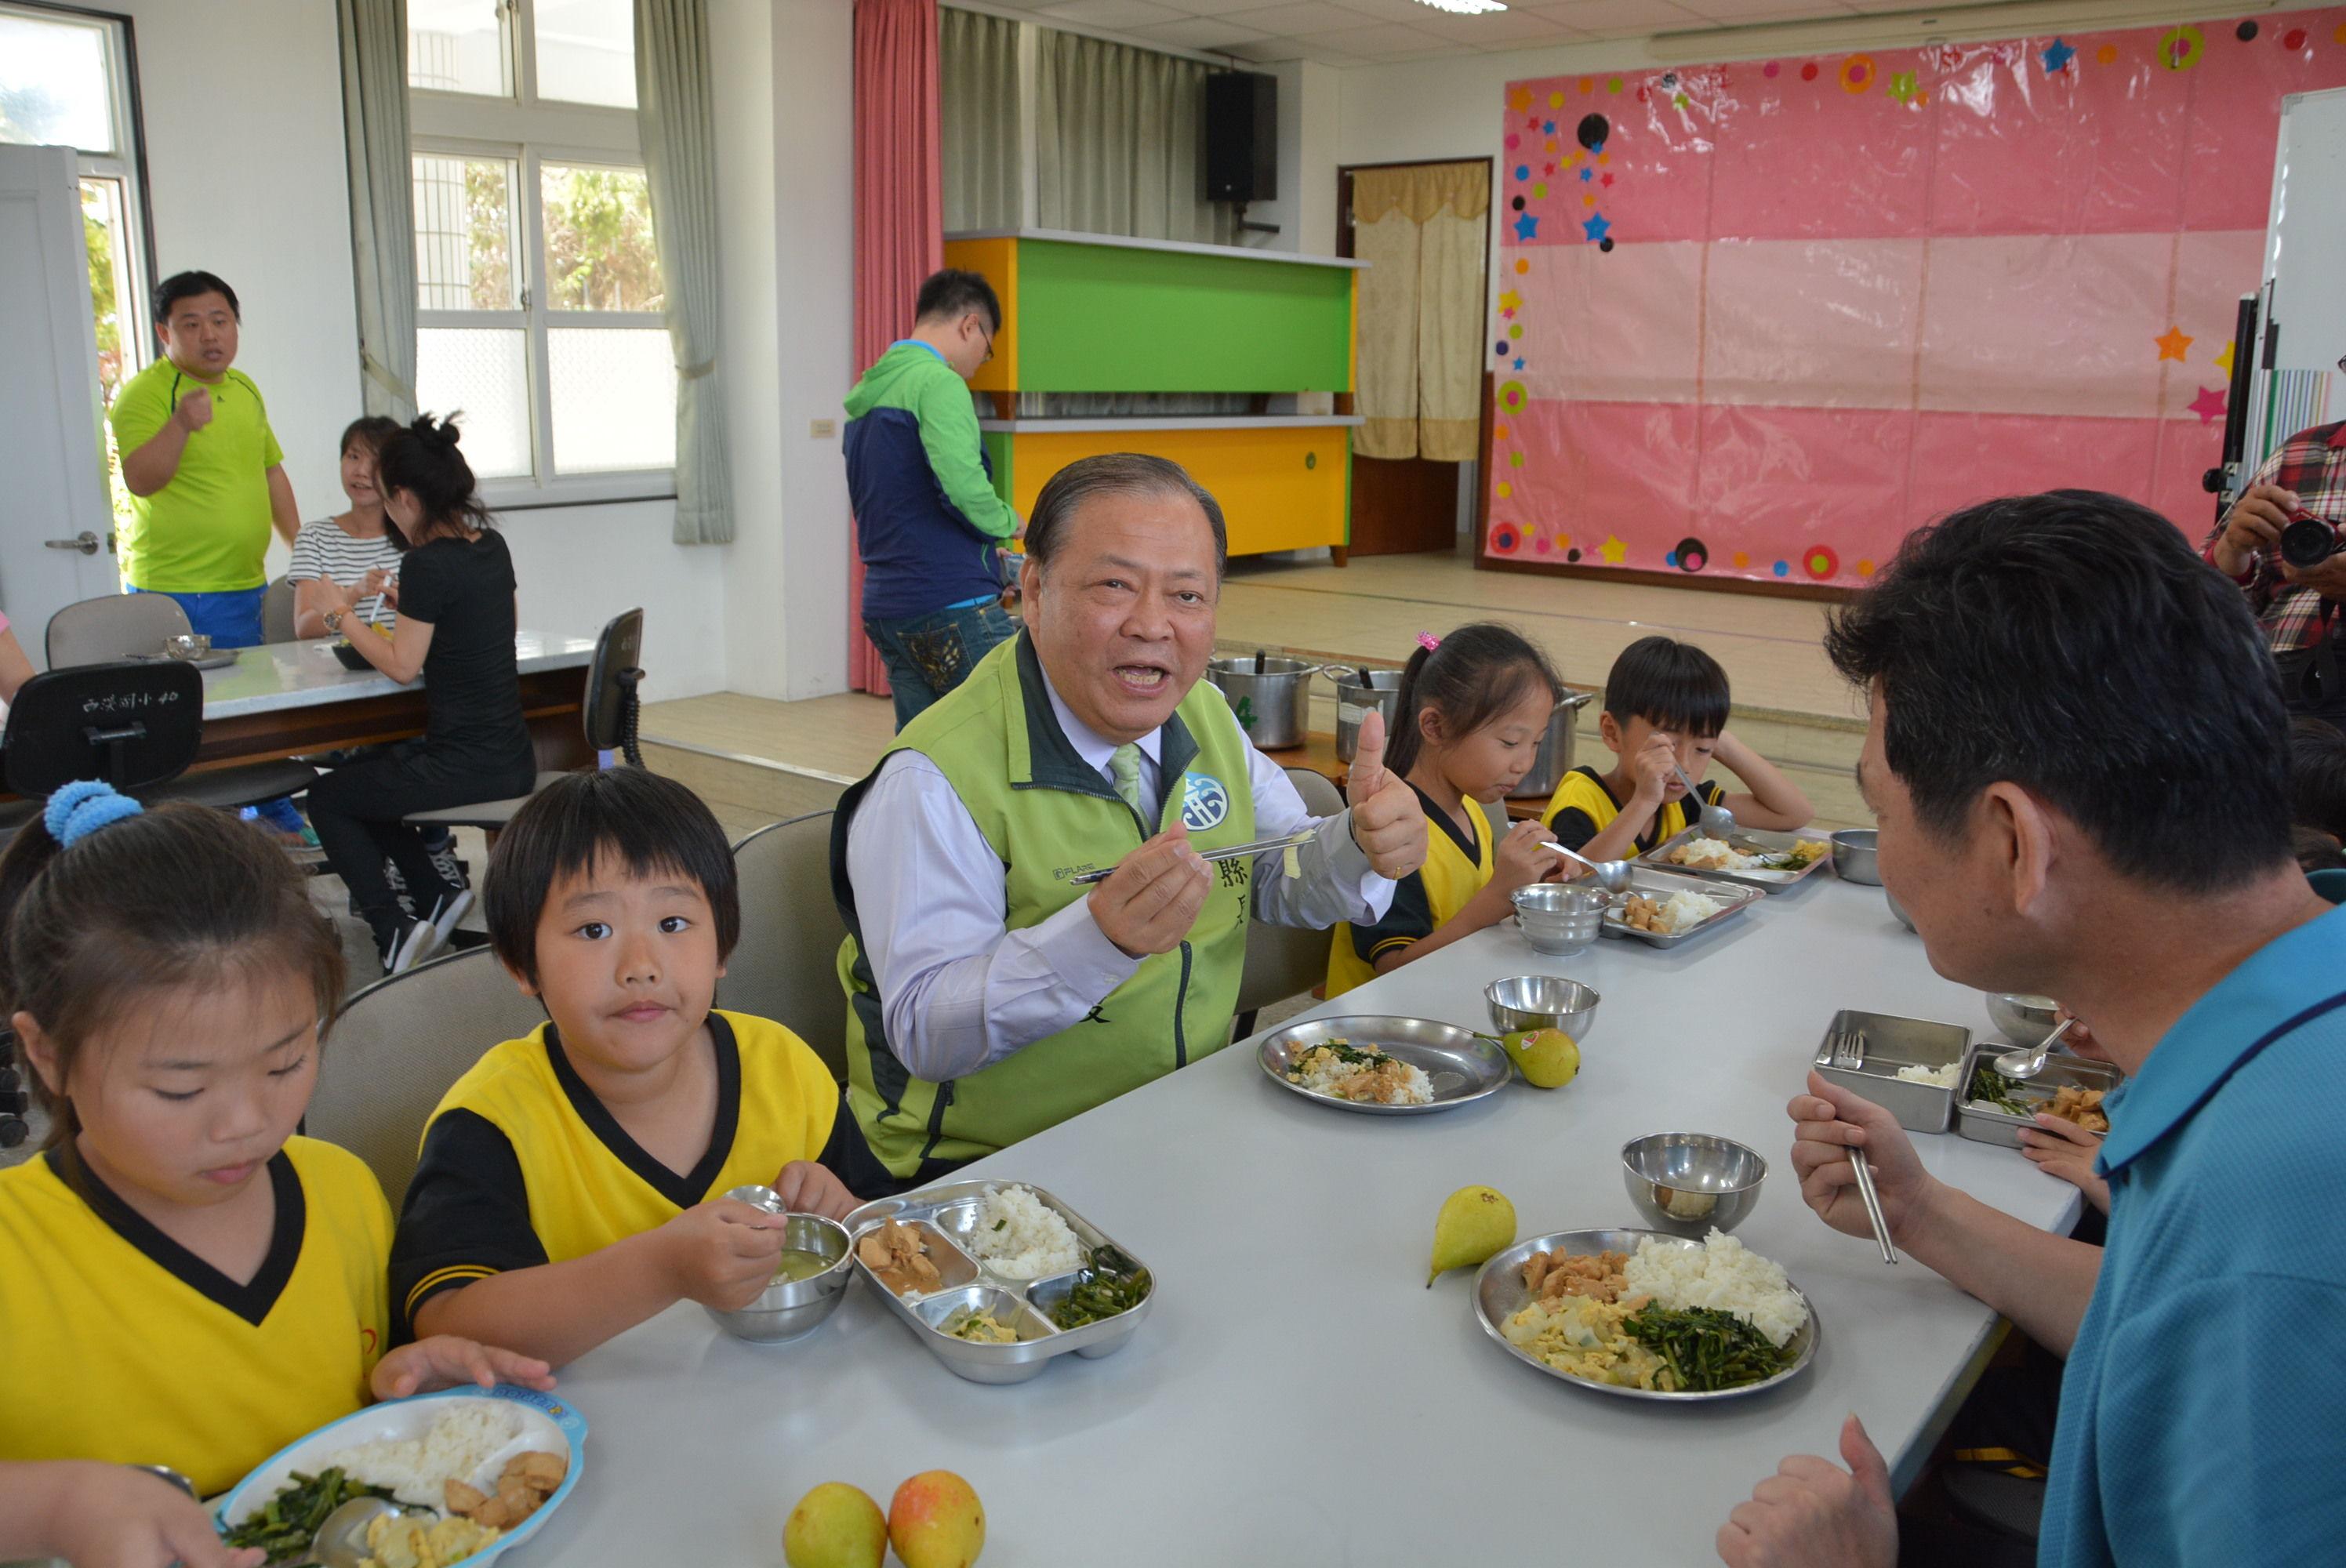 陳光復巡視西溪國小學童營養午餐 宣布9月起國中小學營養午餐全面免費